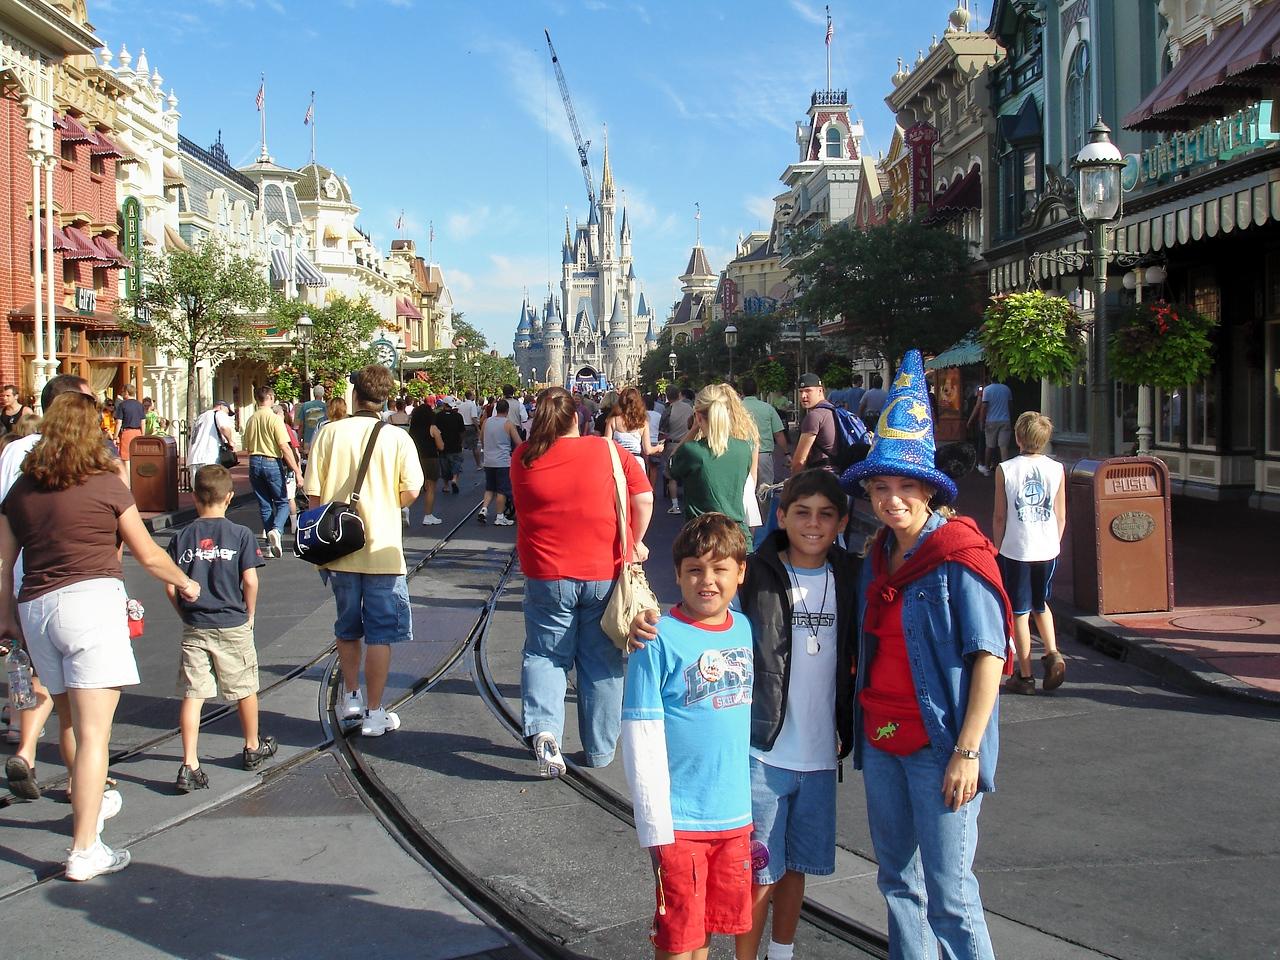 Posando en la entrada de Magic Kingdom. Al fondo se alcanza a ver el castillo de la Bella Durmiente.